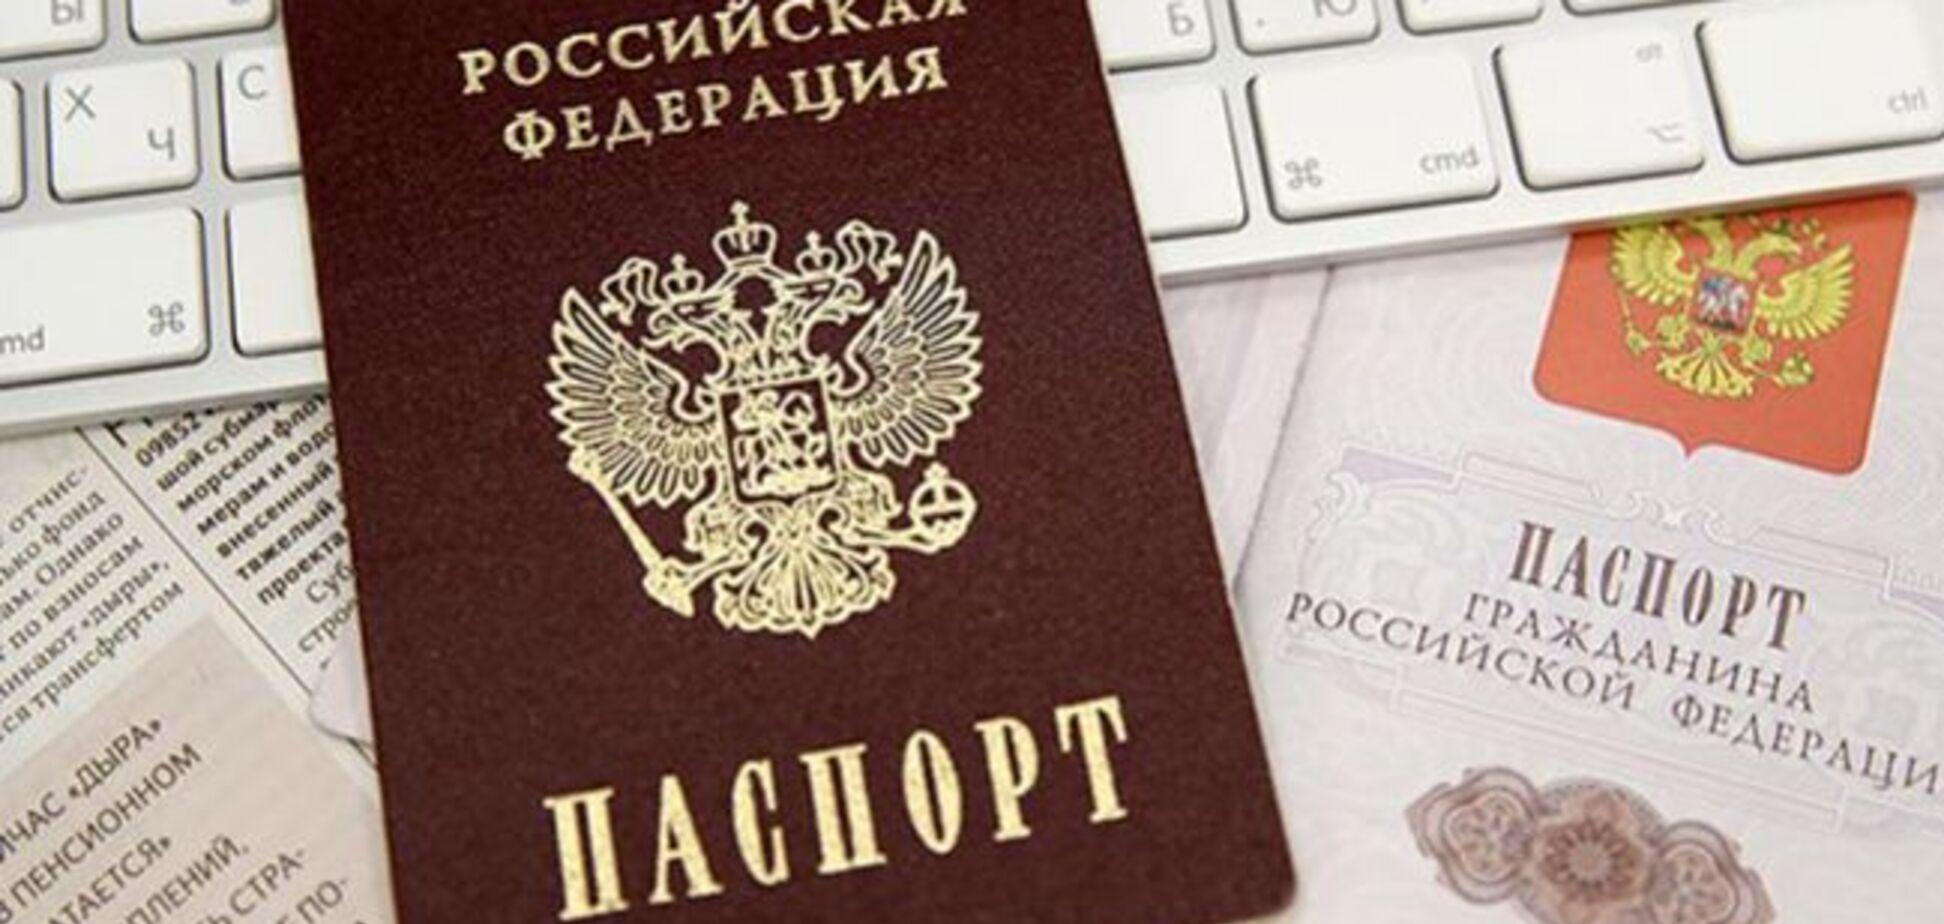 ''Казкова країна'': у Путіна відповіли на слова Порошенка про паспорти Росії